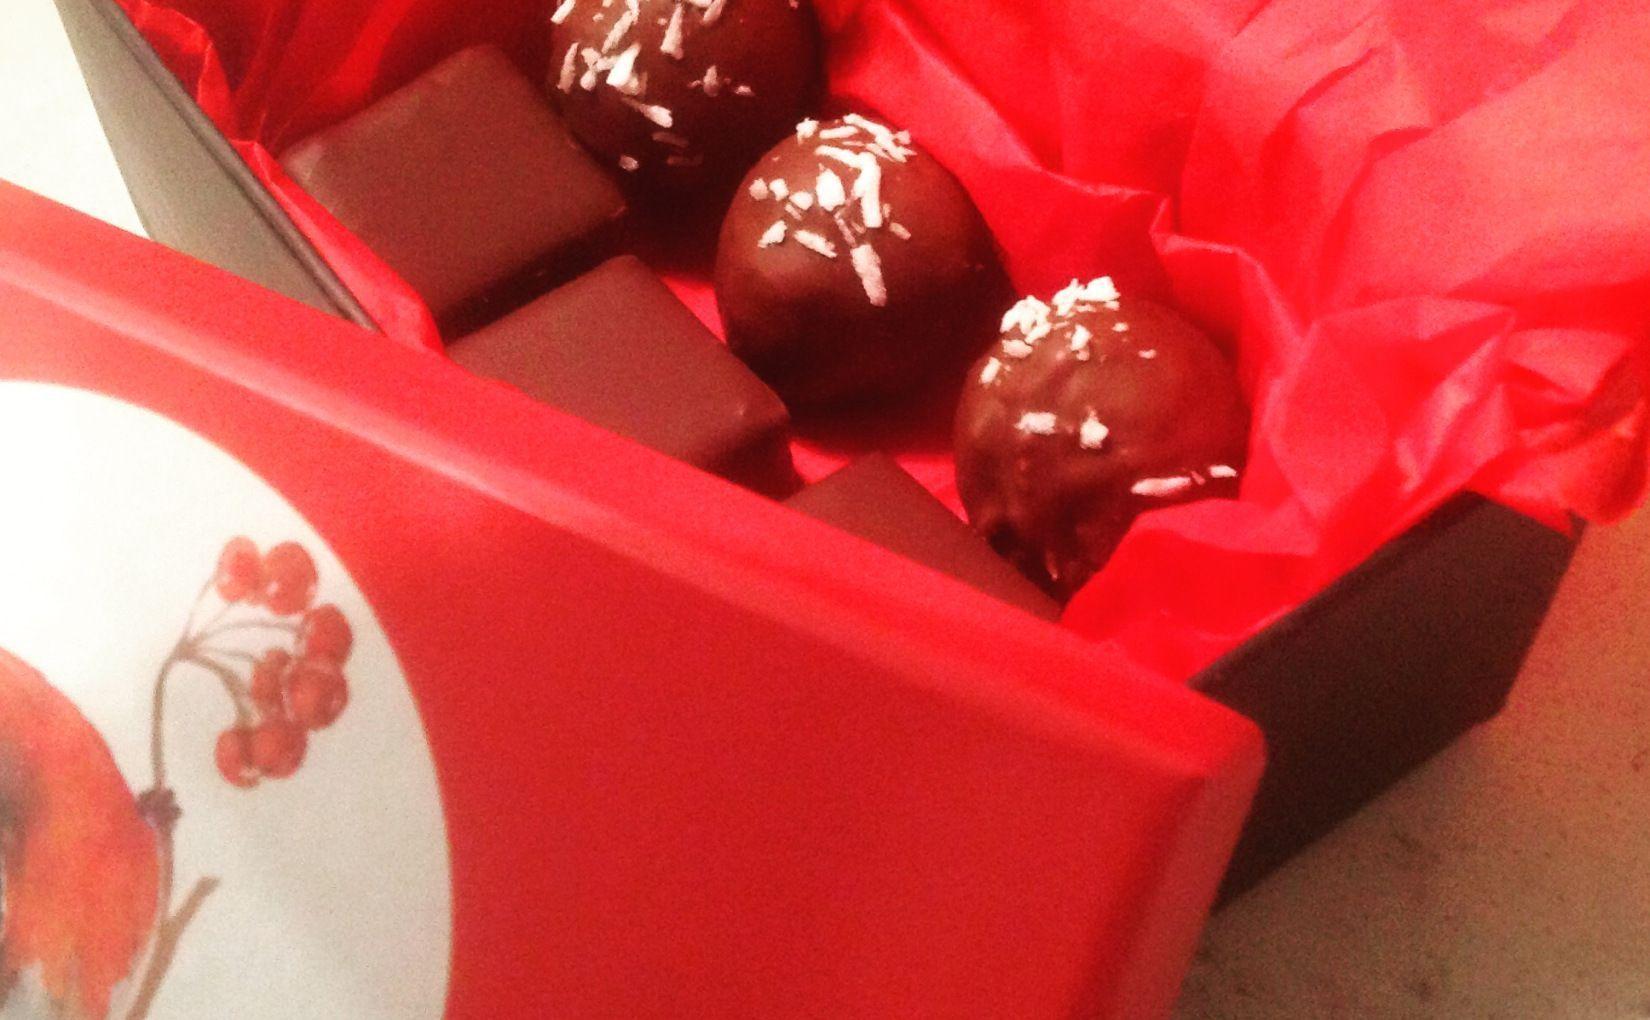 Konfekt til jul. – Fru Haaland #konfektjul Konfekt til jul. – Fru Haaland #konfektjul Konfekt til jul. – Fru Haaland #konfektjul Konfekt til jul. – Fru Haaland #konfektjul